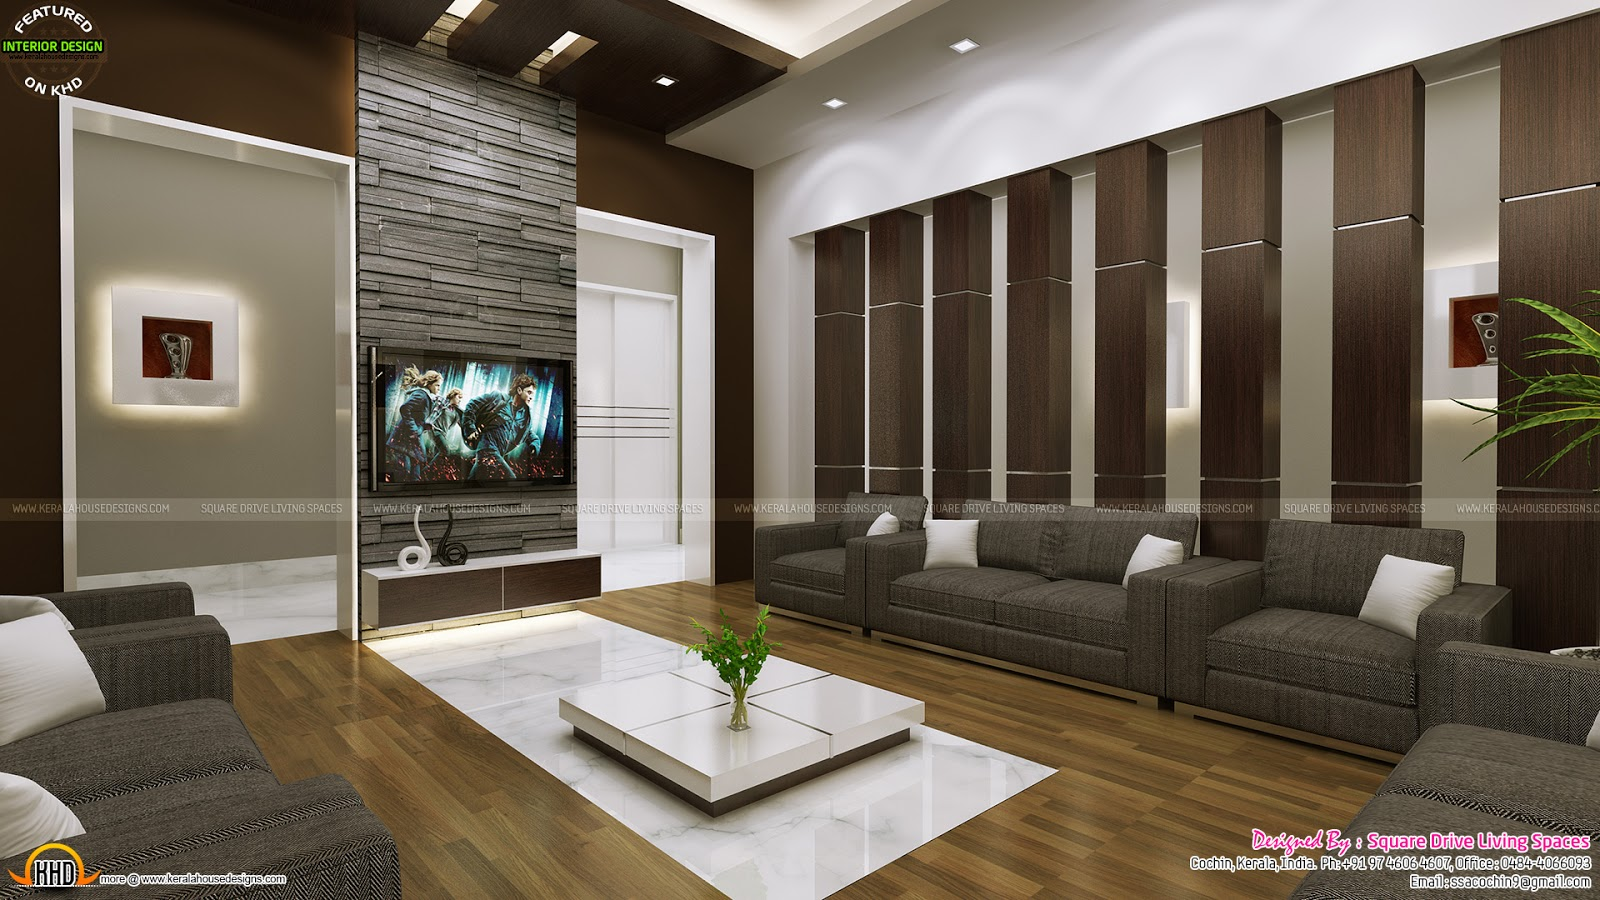 Attractive home interior ideas - Kerala home design and ...